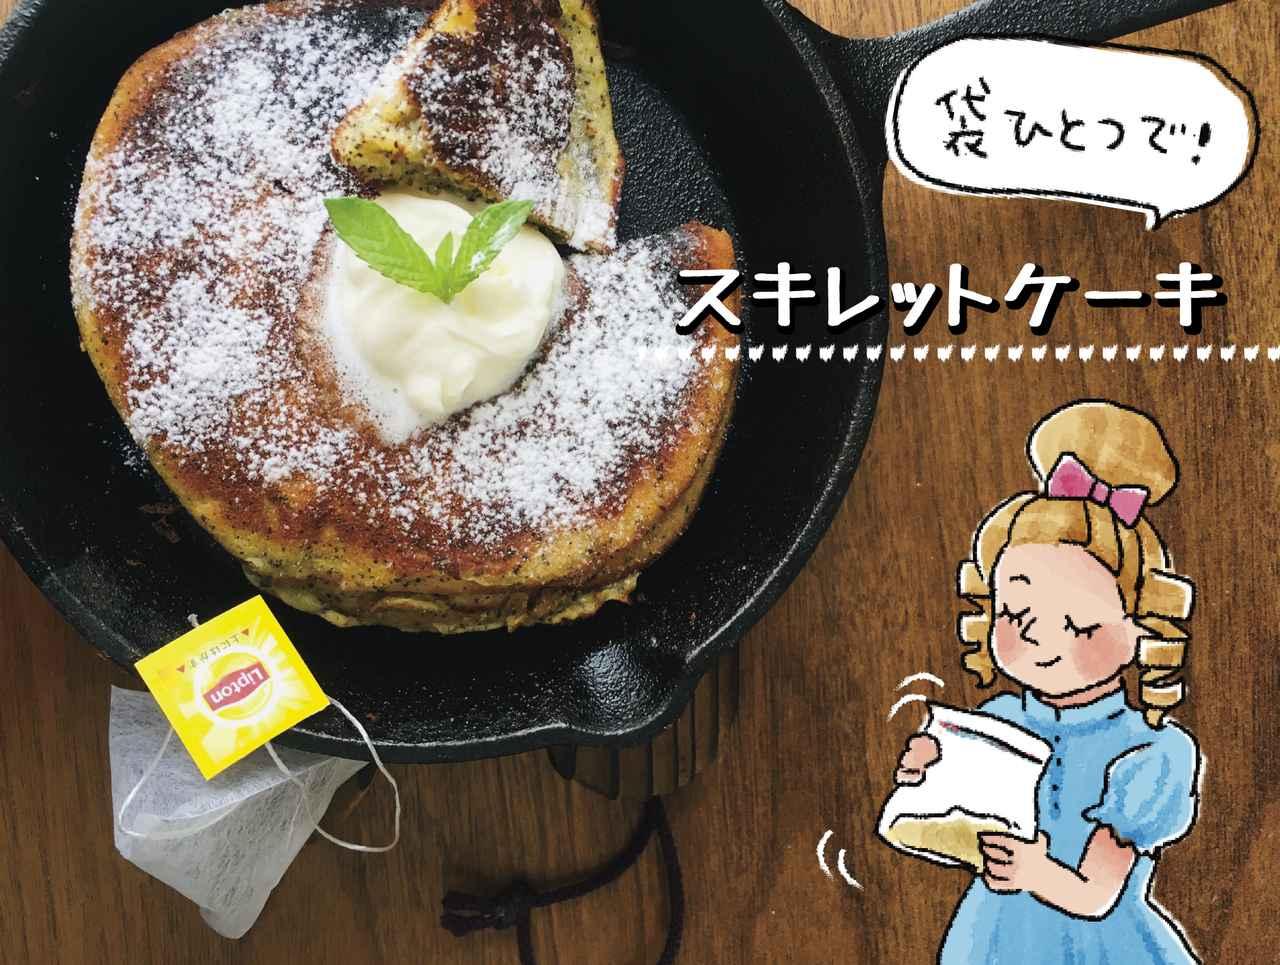 【スキレットレシピ】キャンプにおすすめ! 袋ひとつで簡単にできるケーキレシピ3選